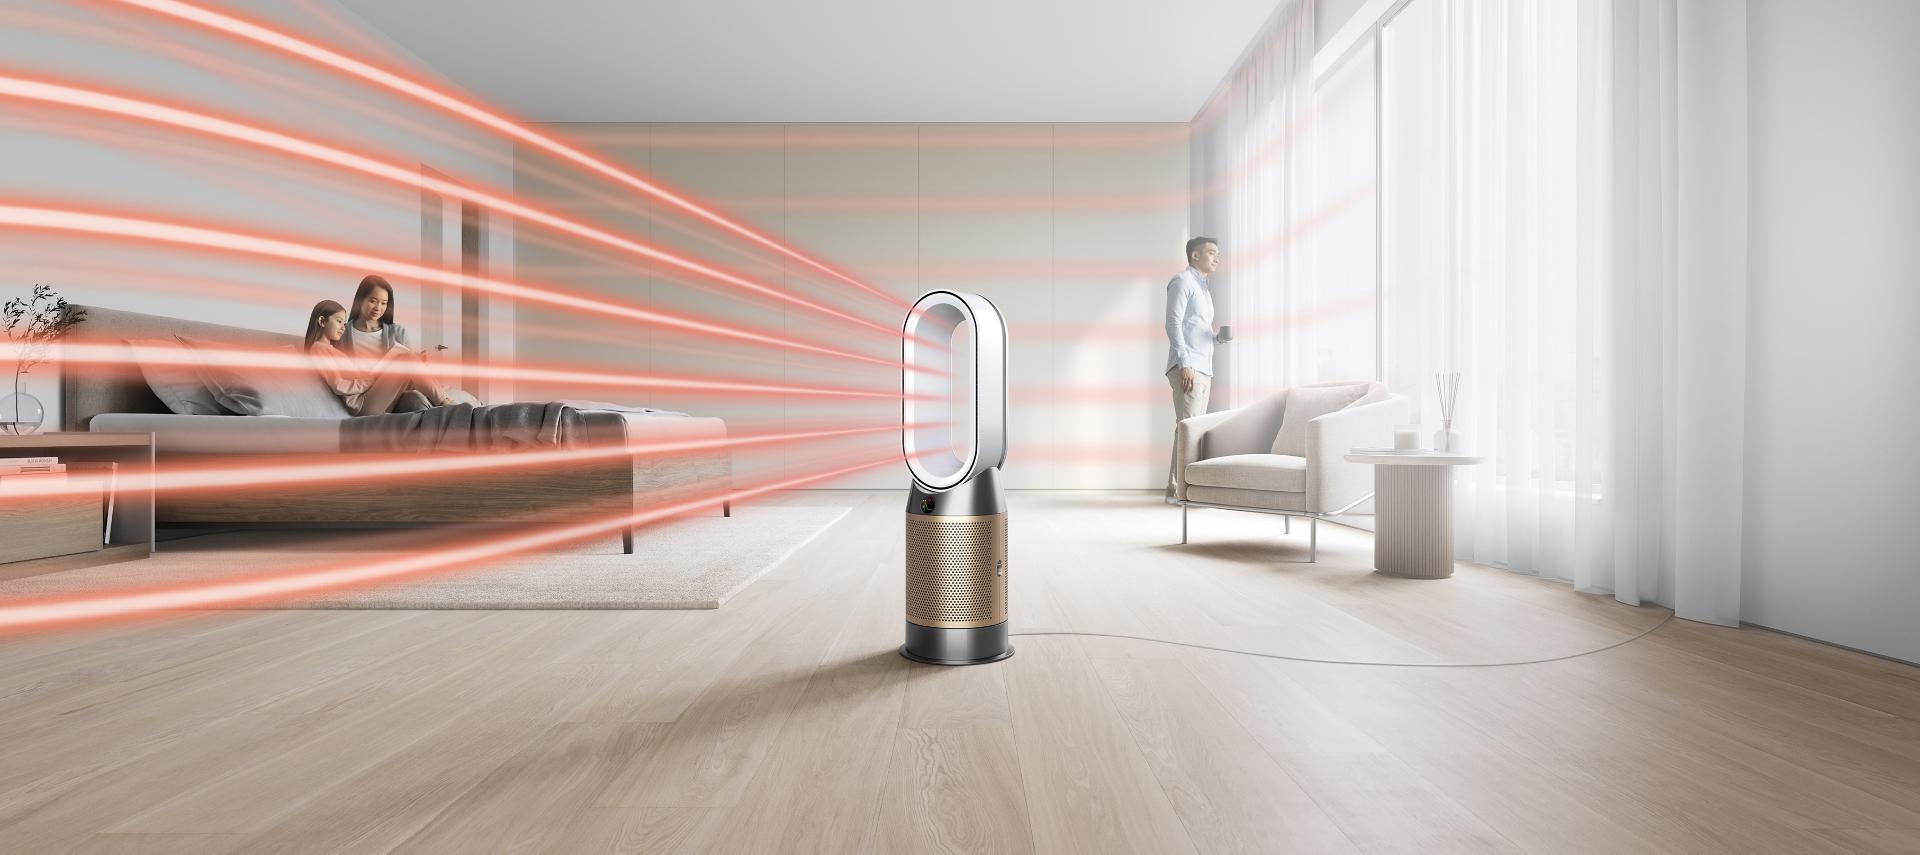 'جهاز Dyson purifier hot + cool formaldehyde بينما يقوم بتدفئة غرفة بالكامل